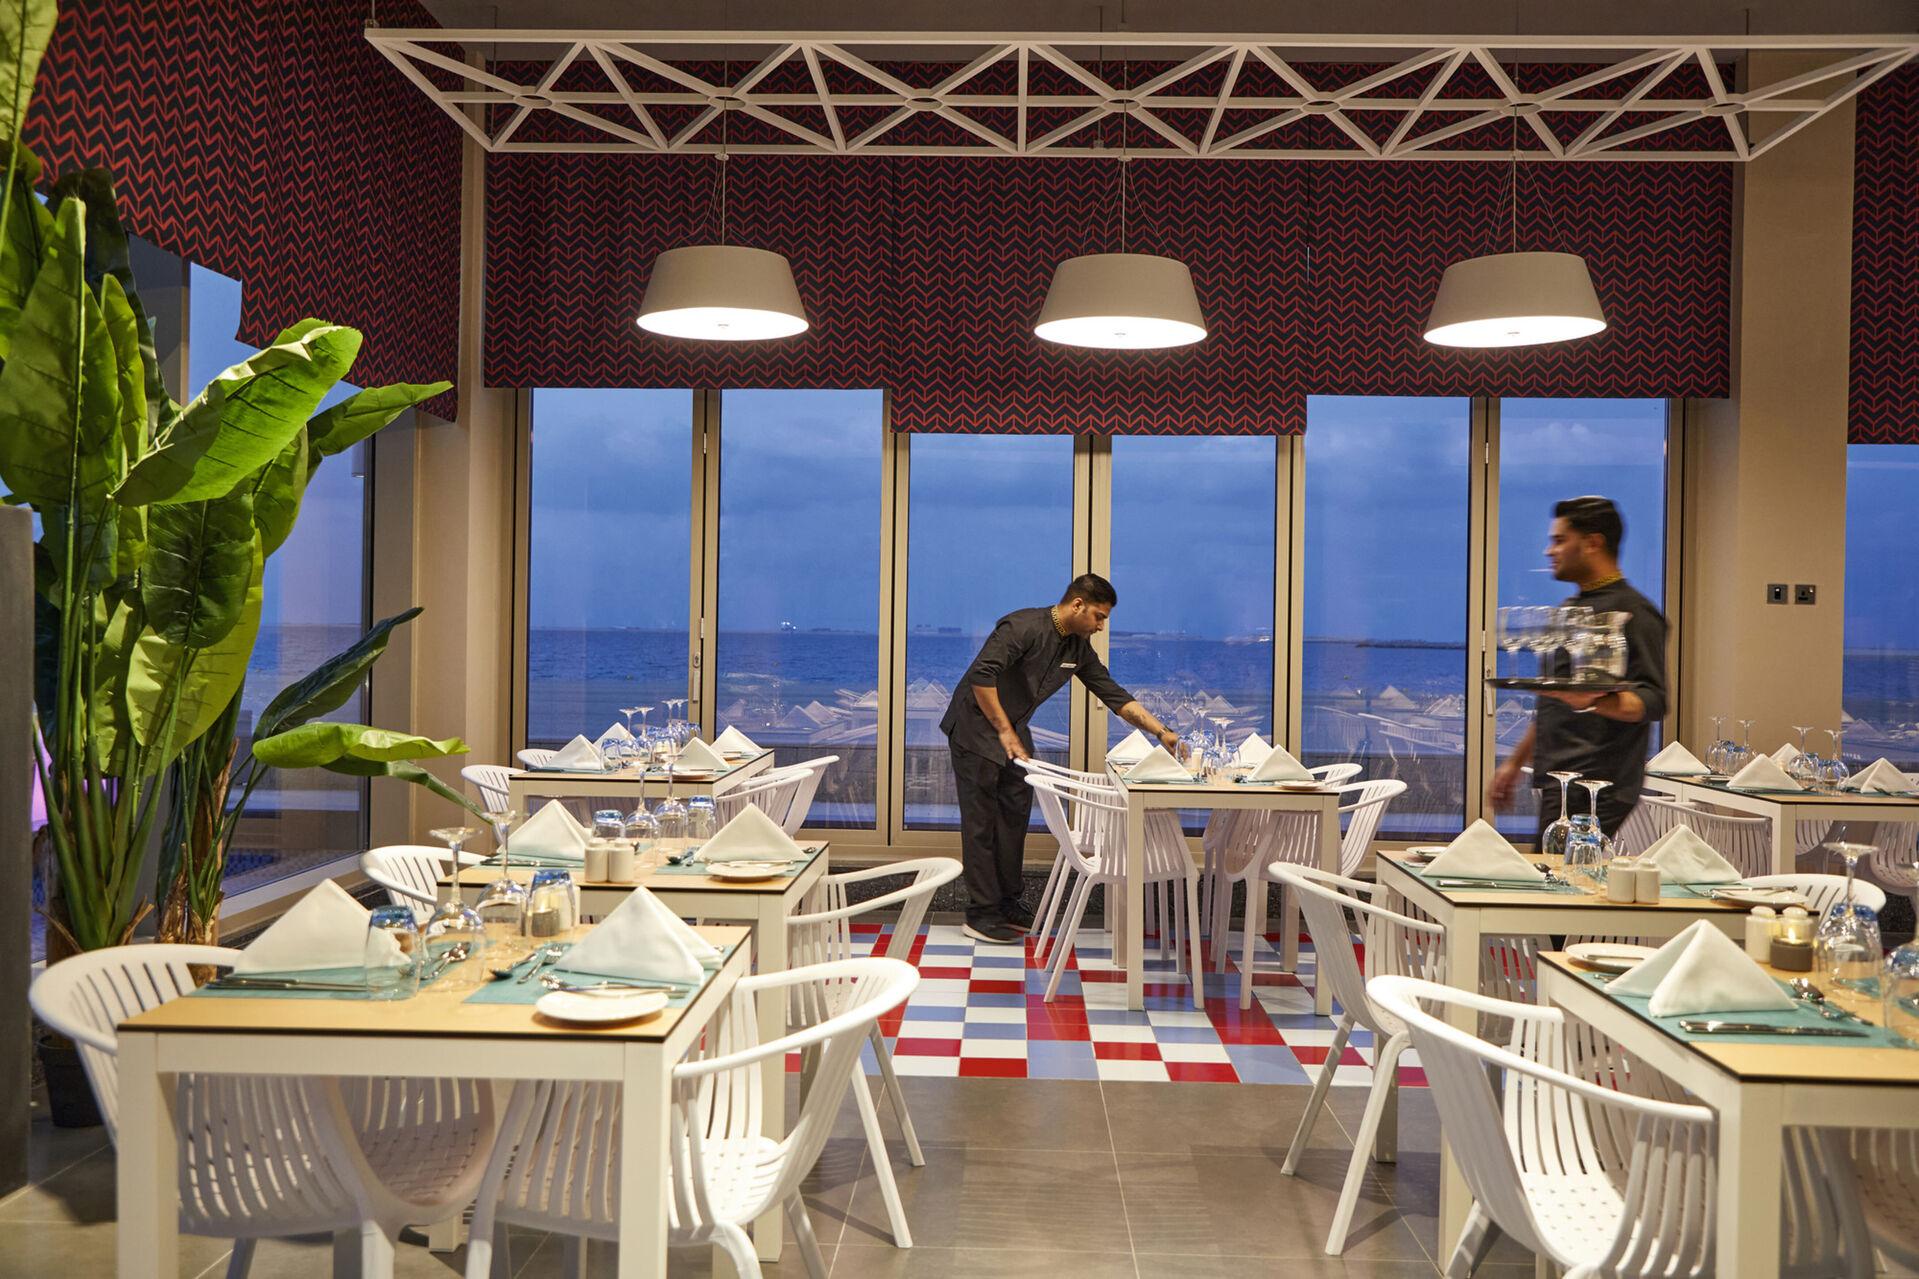 https://cms.satur.sk/data/imgs/tour_image/orig/dub_20_142-italian-restaurant-1939888.jpg